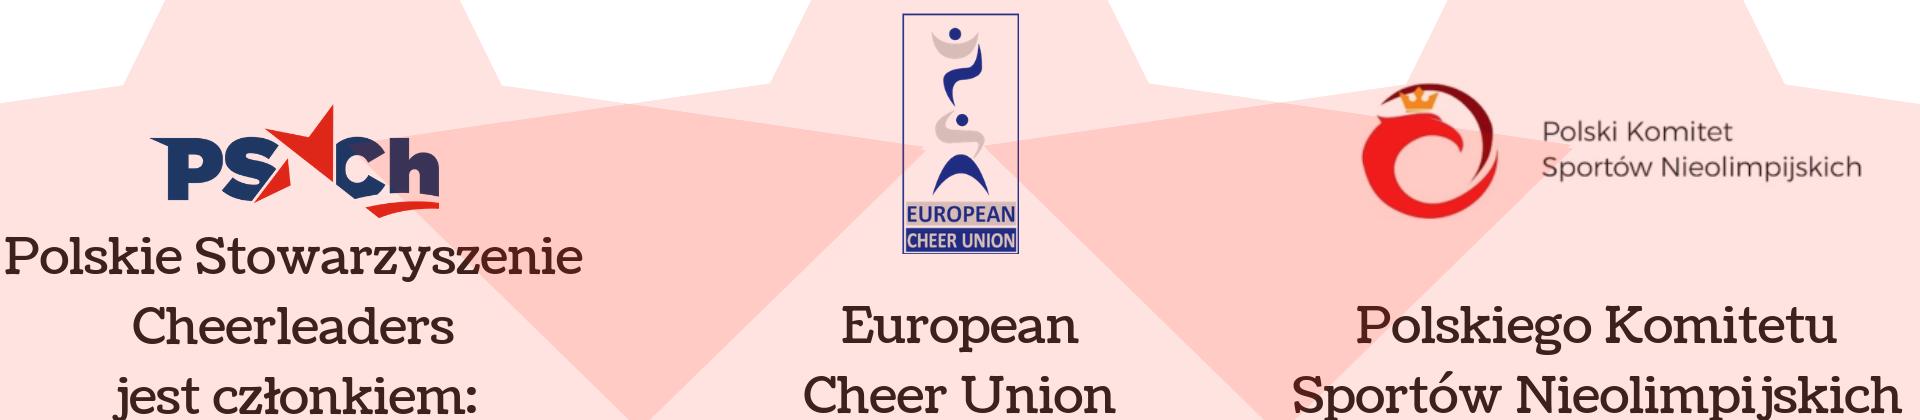 Polskie Stowarzyszenie Cheerleaders jest członkiem